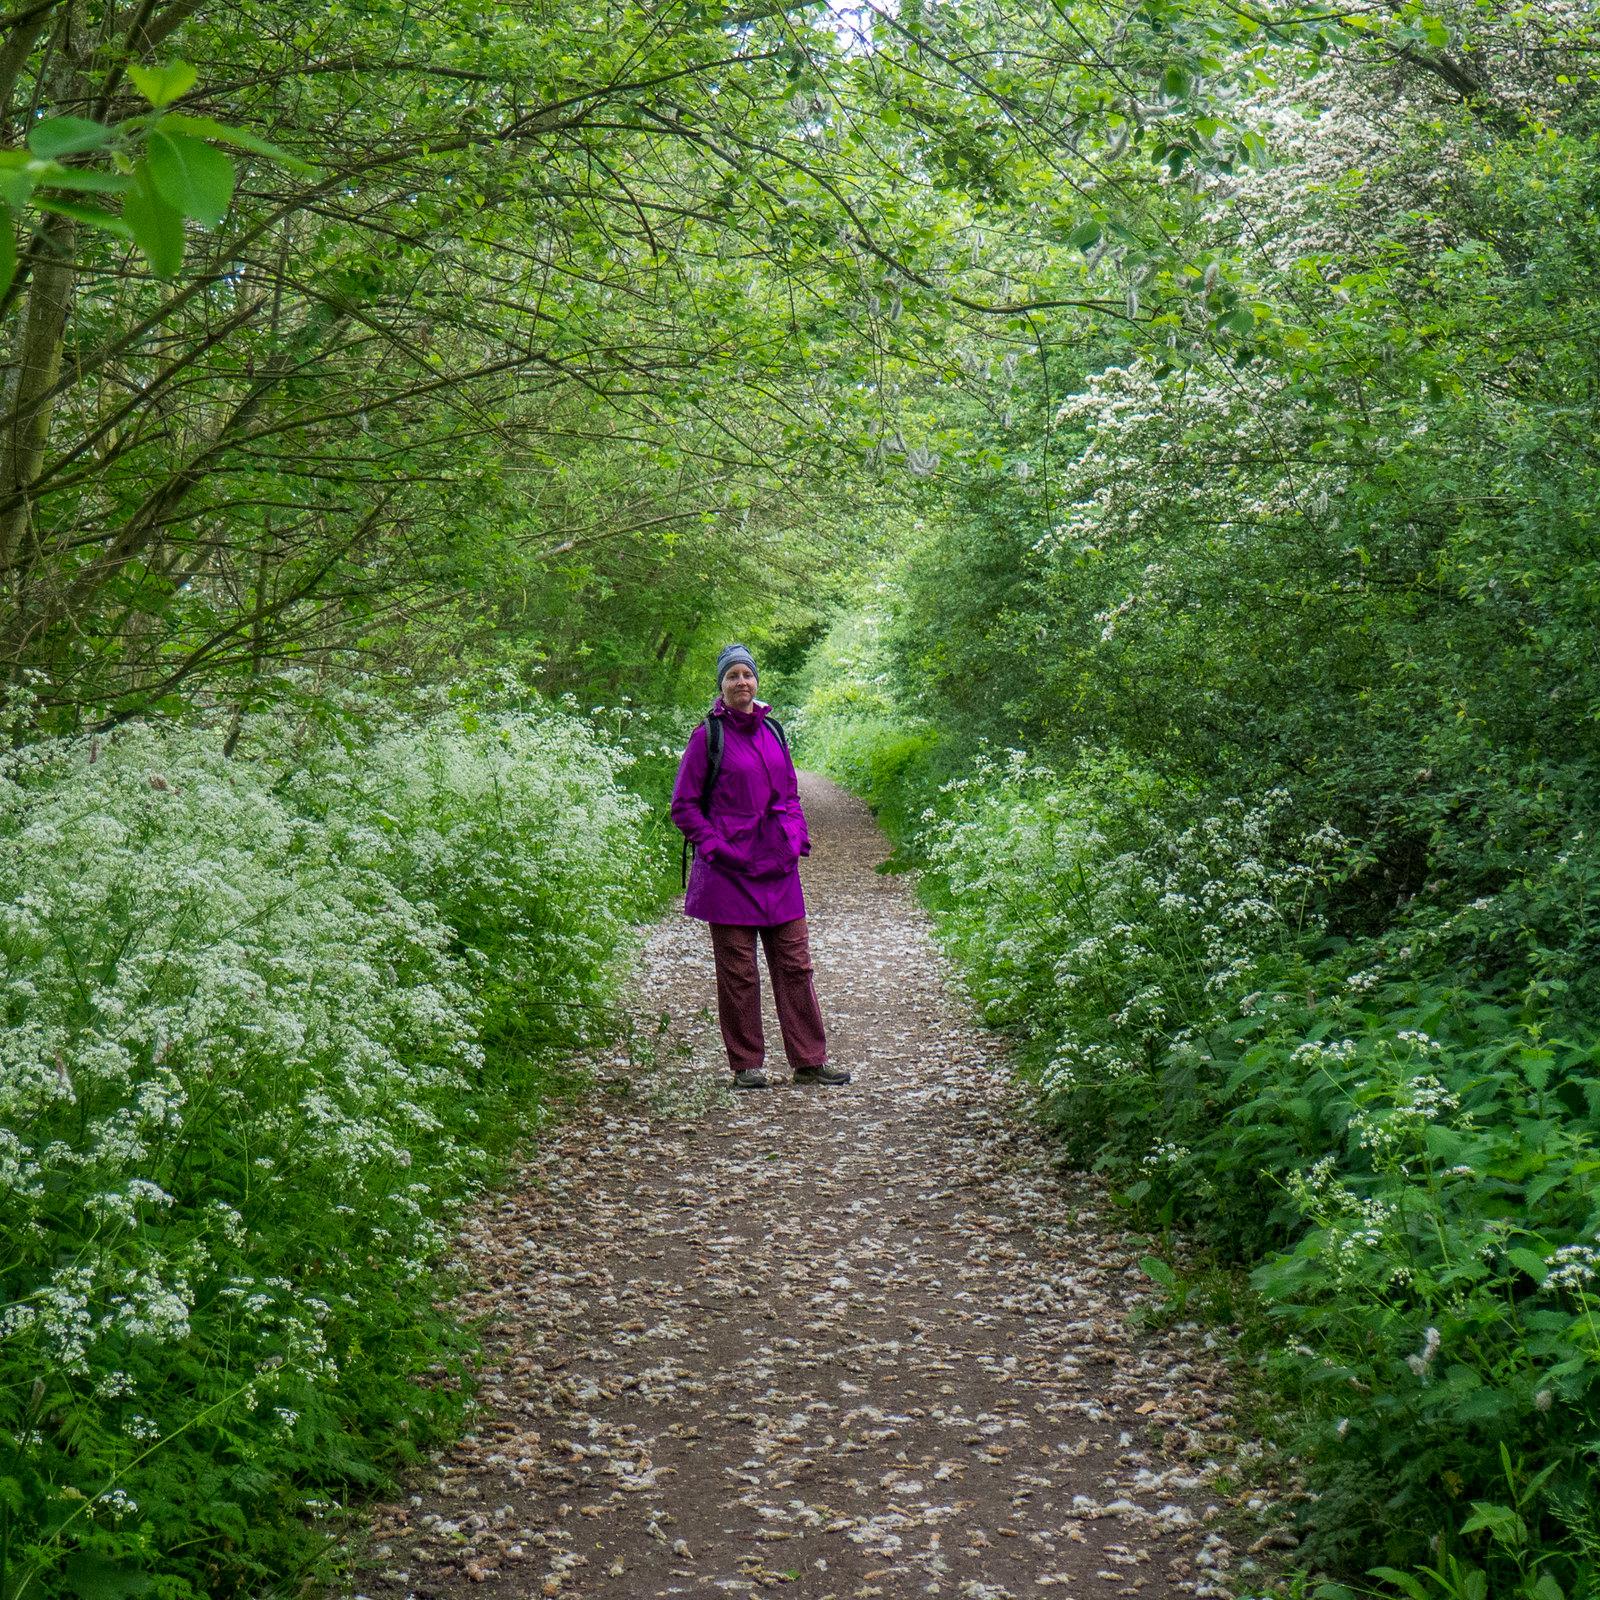 """P5250163 www.walkingclub.org.uk/book_3/walk_61/index.shtml"""" rel=""""nofollow www.walkingclub.org.uk/book_3/walk_61/index.shtml"""